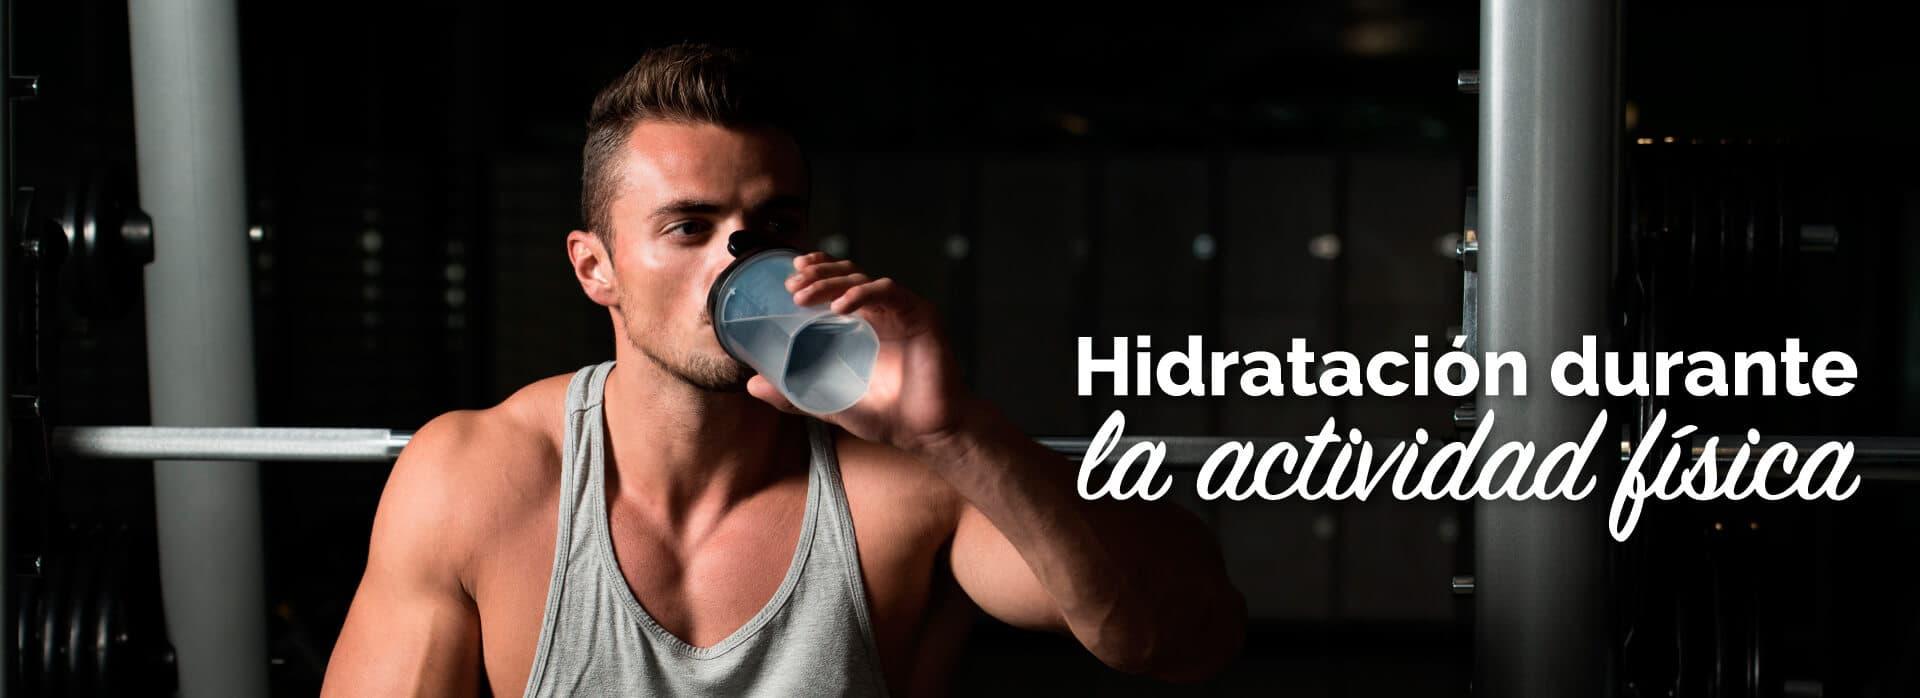 Hidratación durante la actividad fisica